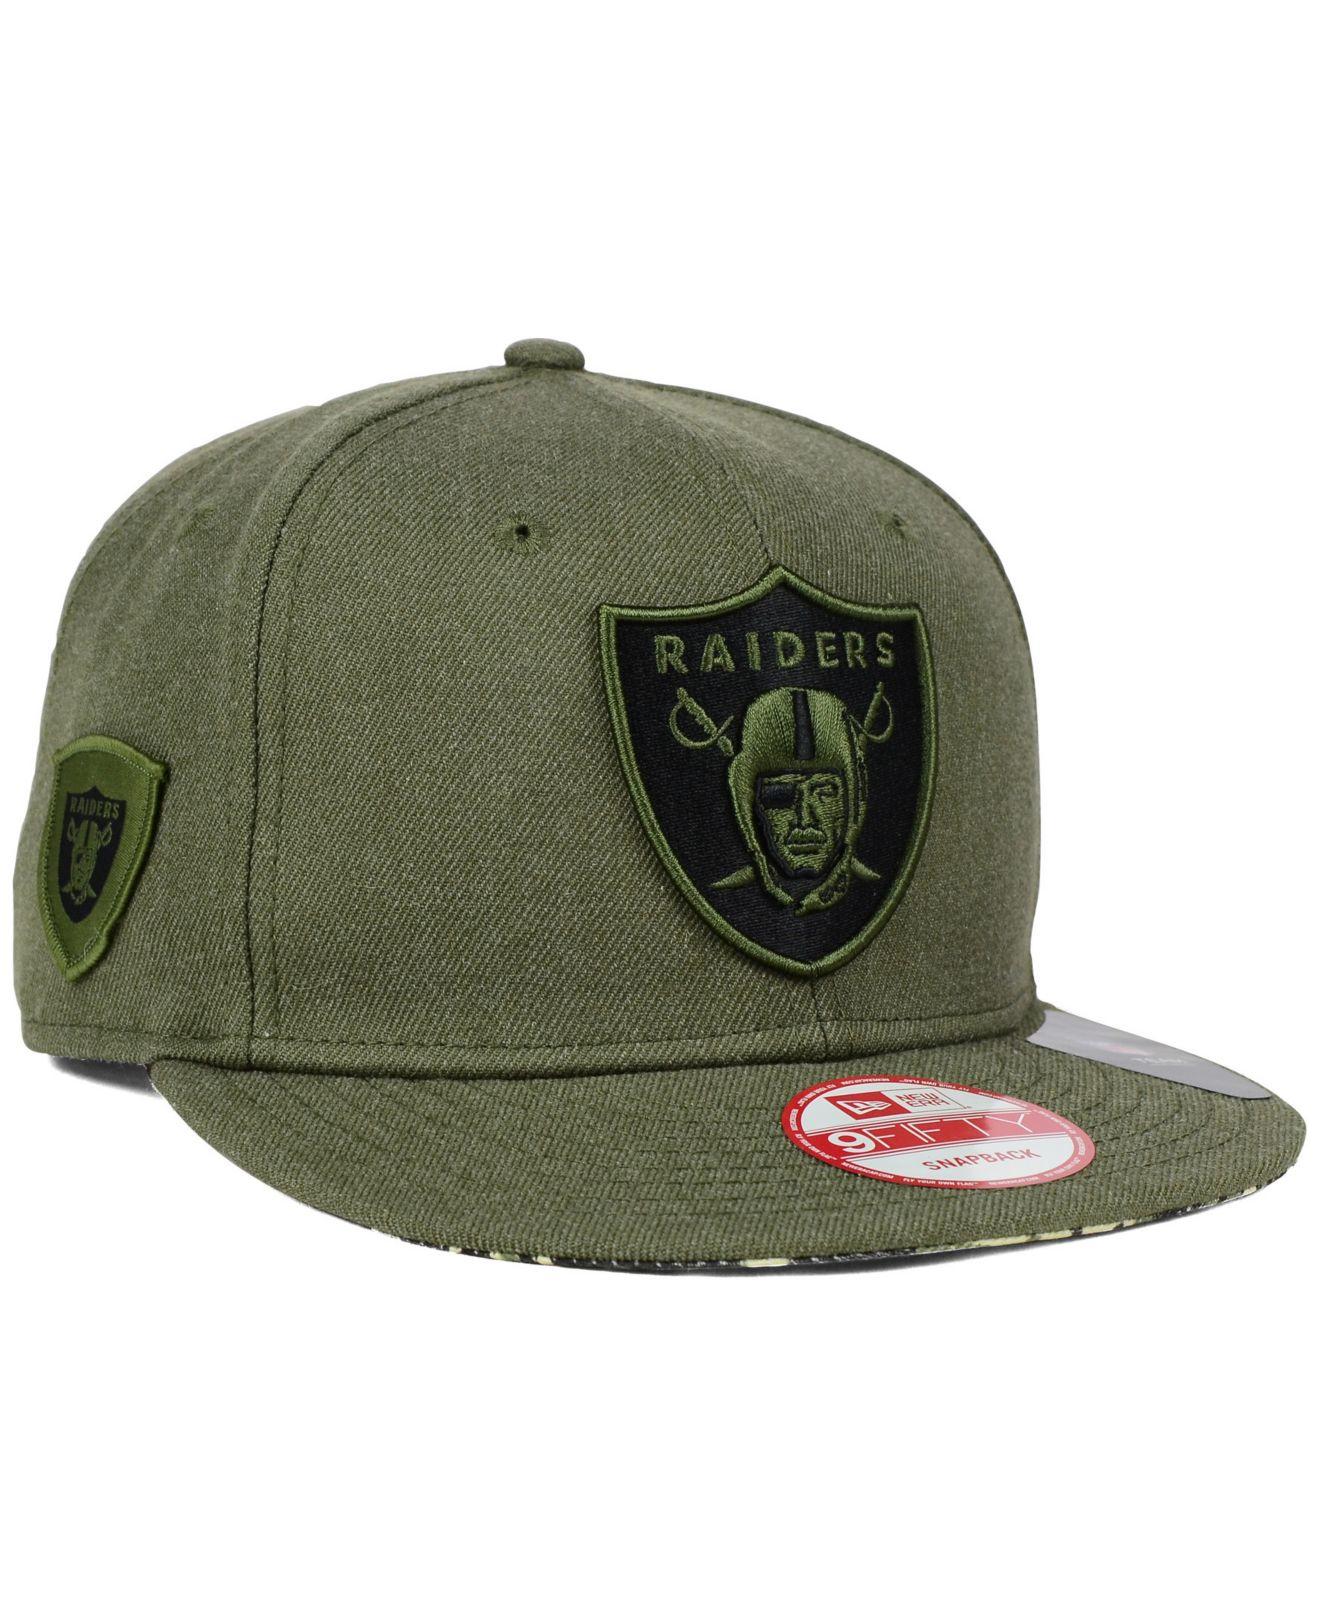 Lyst - KTZ Oakland Raiders Camo 9fifty Snapback Cap in Green for Men a2d17c1ffb1